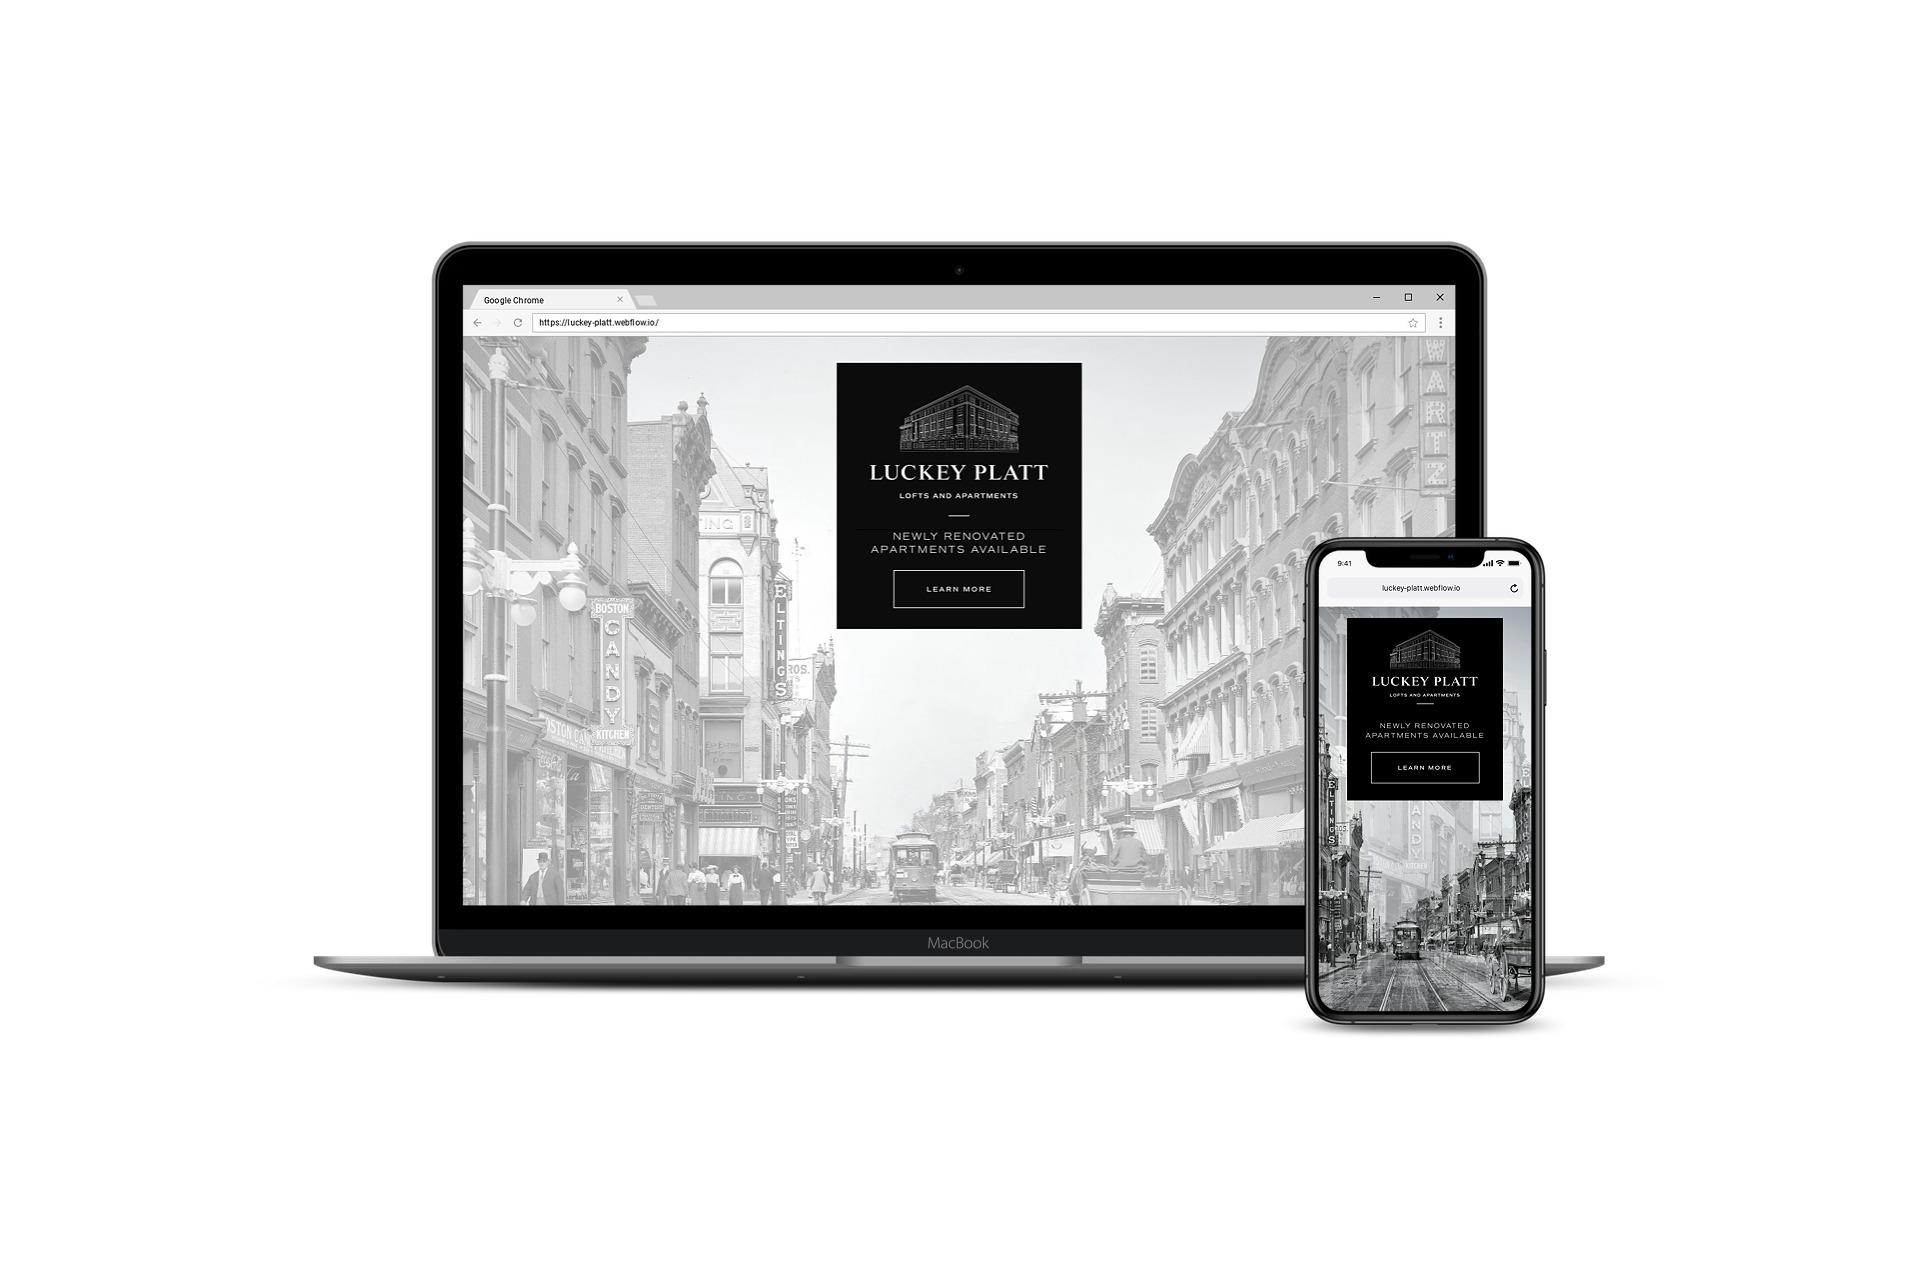 Luckey Platt Website